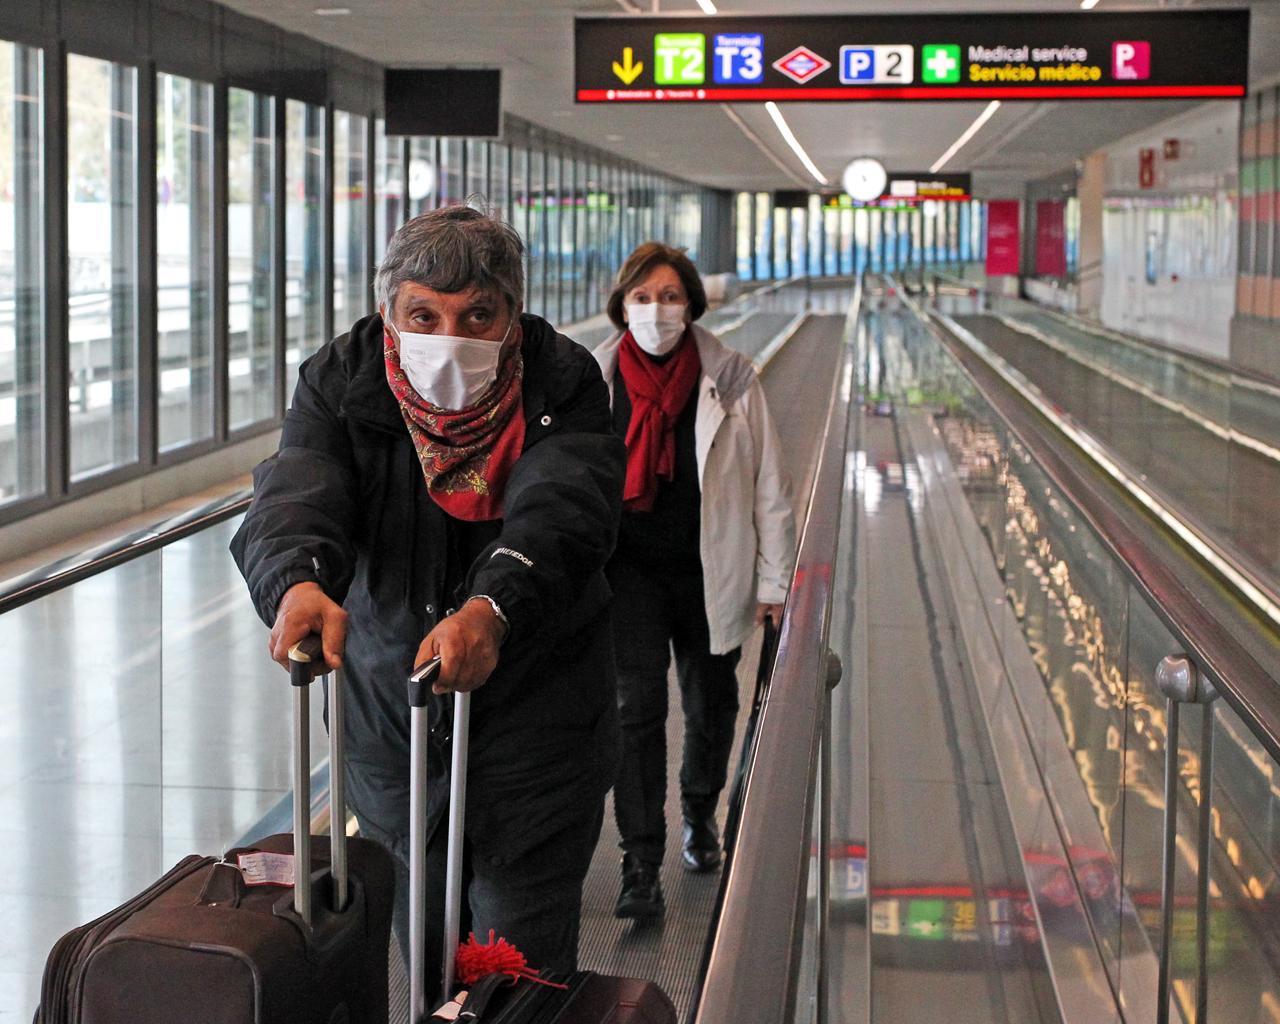 Dos turistas se marchan de Madrid en la Terminal 2 del Aeropuerto Adolfo Suárez Madrid Barajas. Madrid. 18/03/2020.